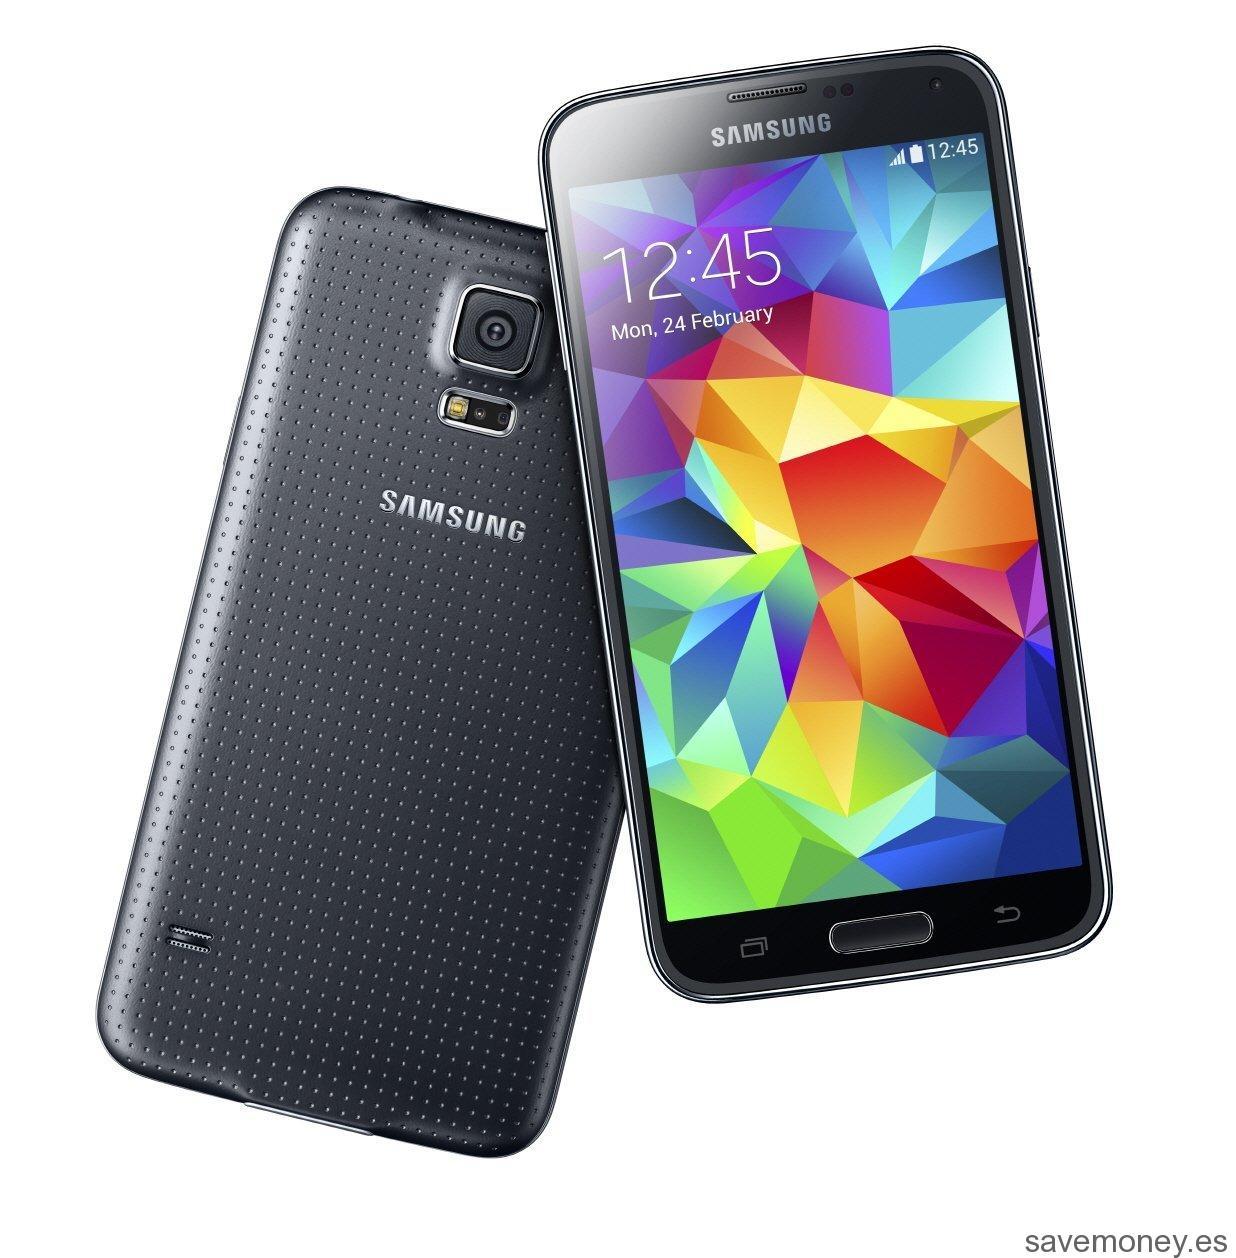 Nuevo Samsung Galaxy S5 con precio de preventa garantizado